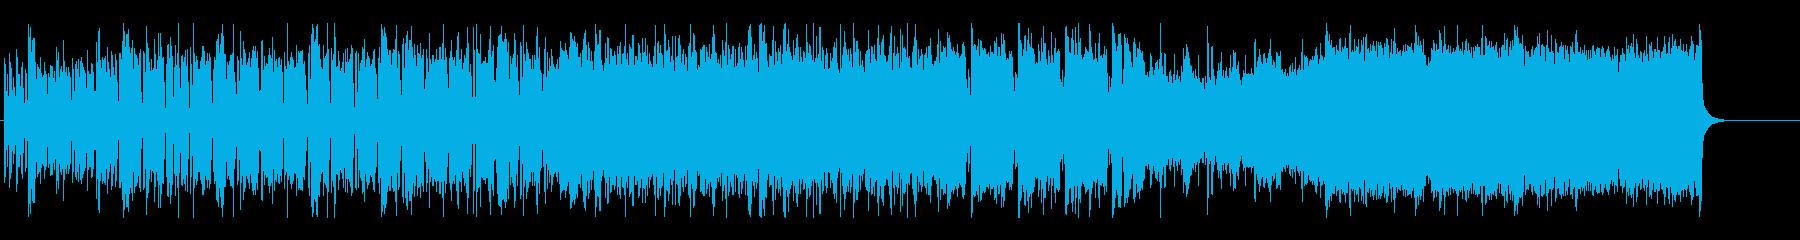 問題を追跡するドキュメンタリー系BGMの再生済みの波形